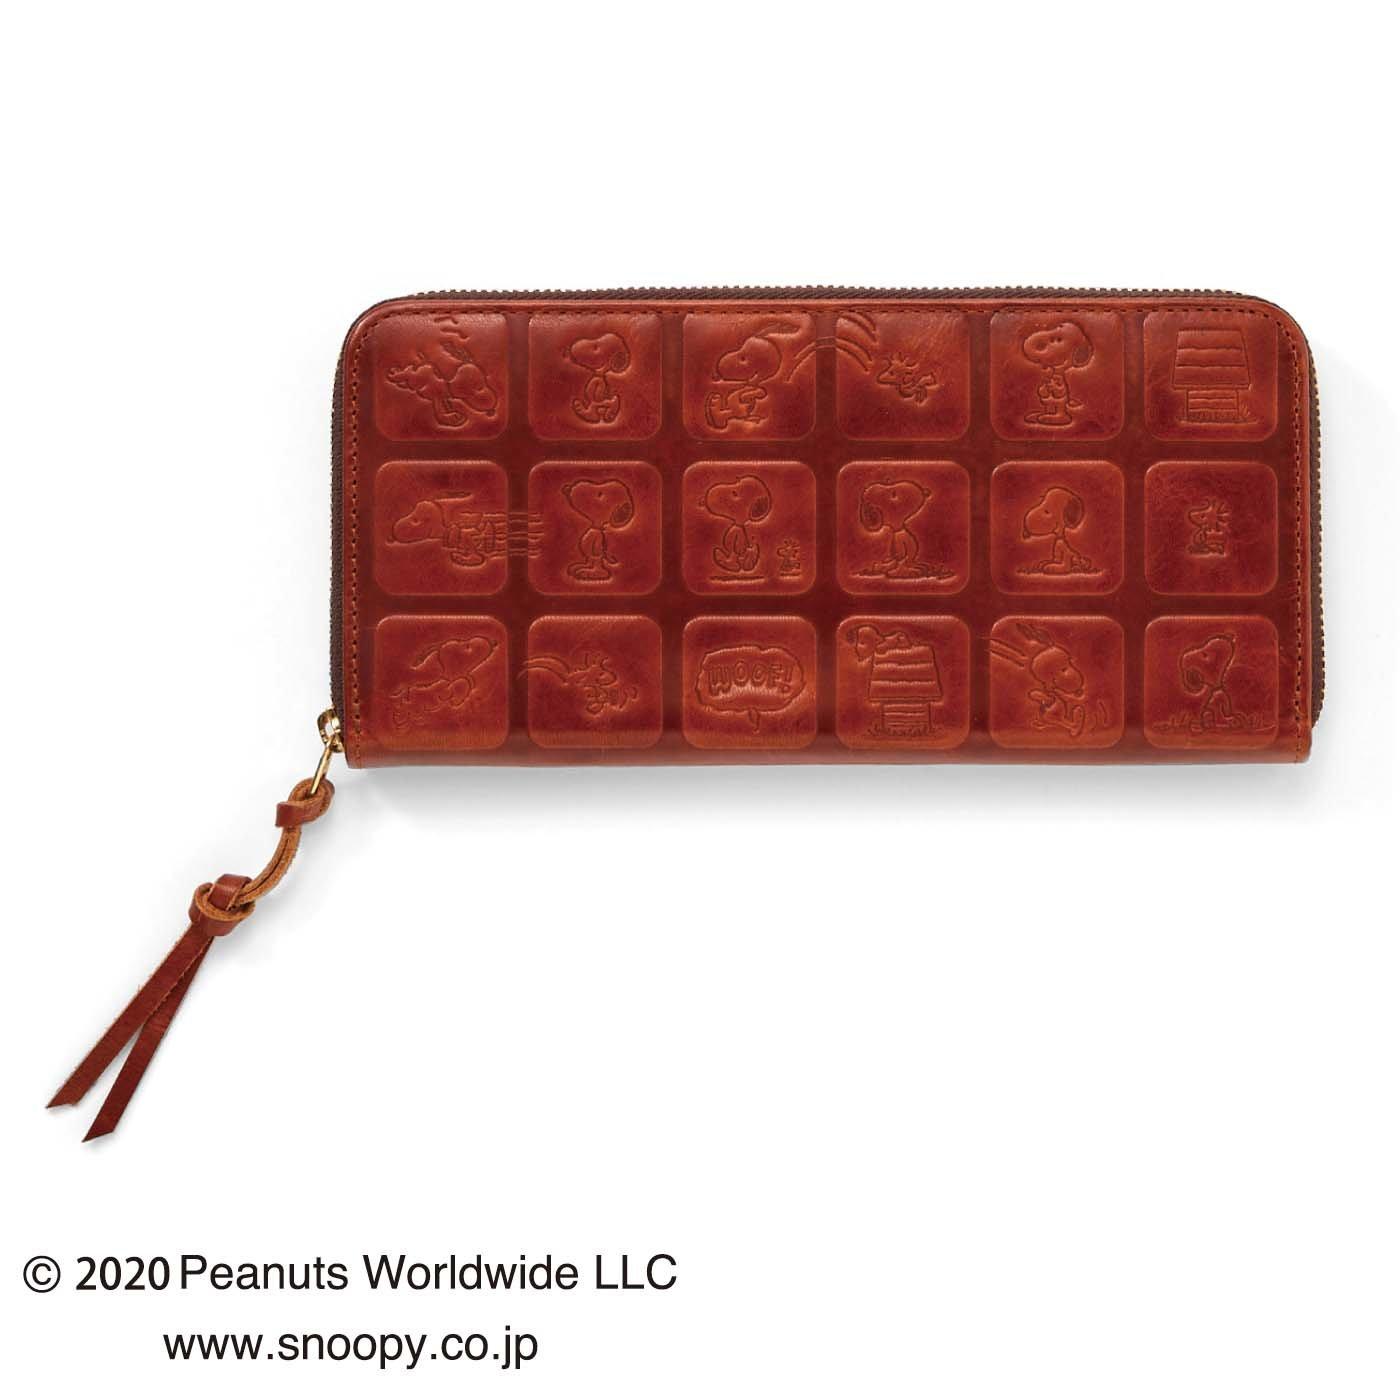 スヌーピー 型押しがおしゃれな本革長財布